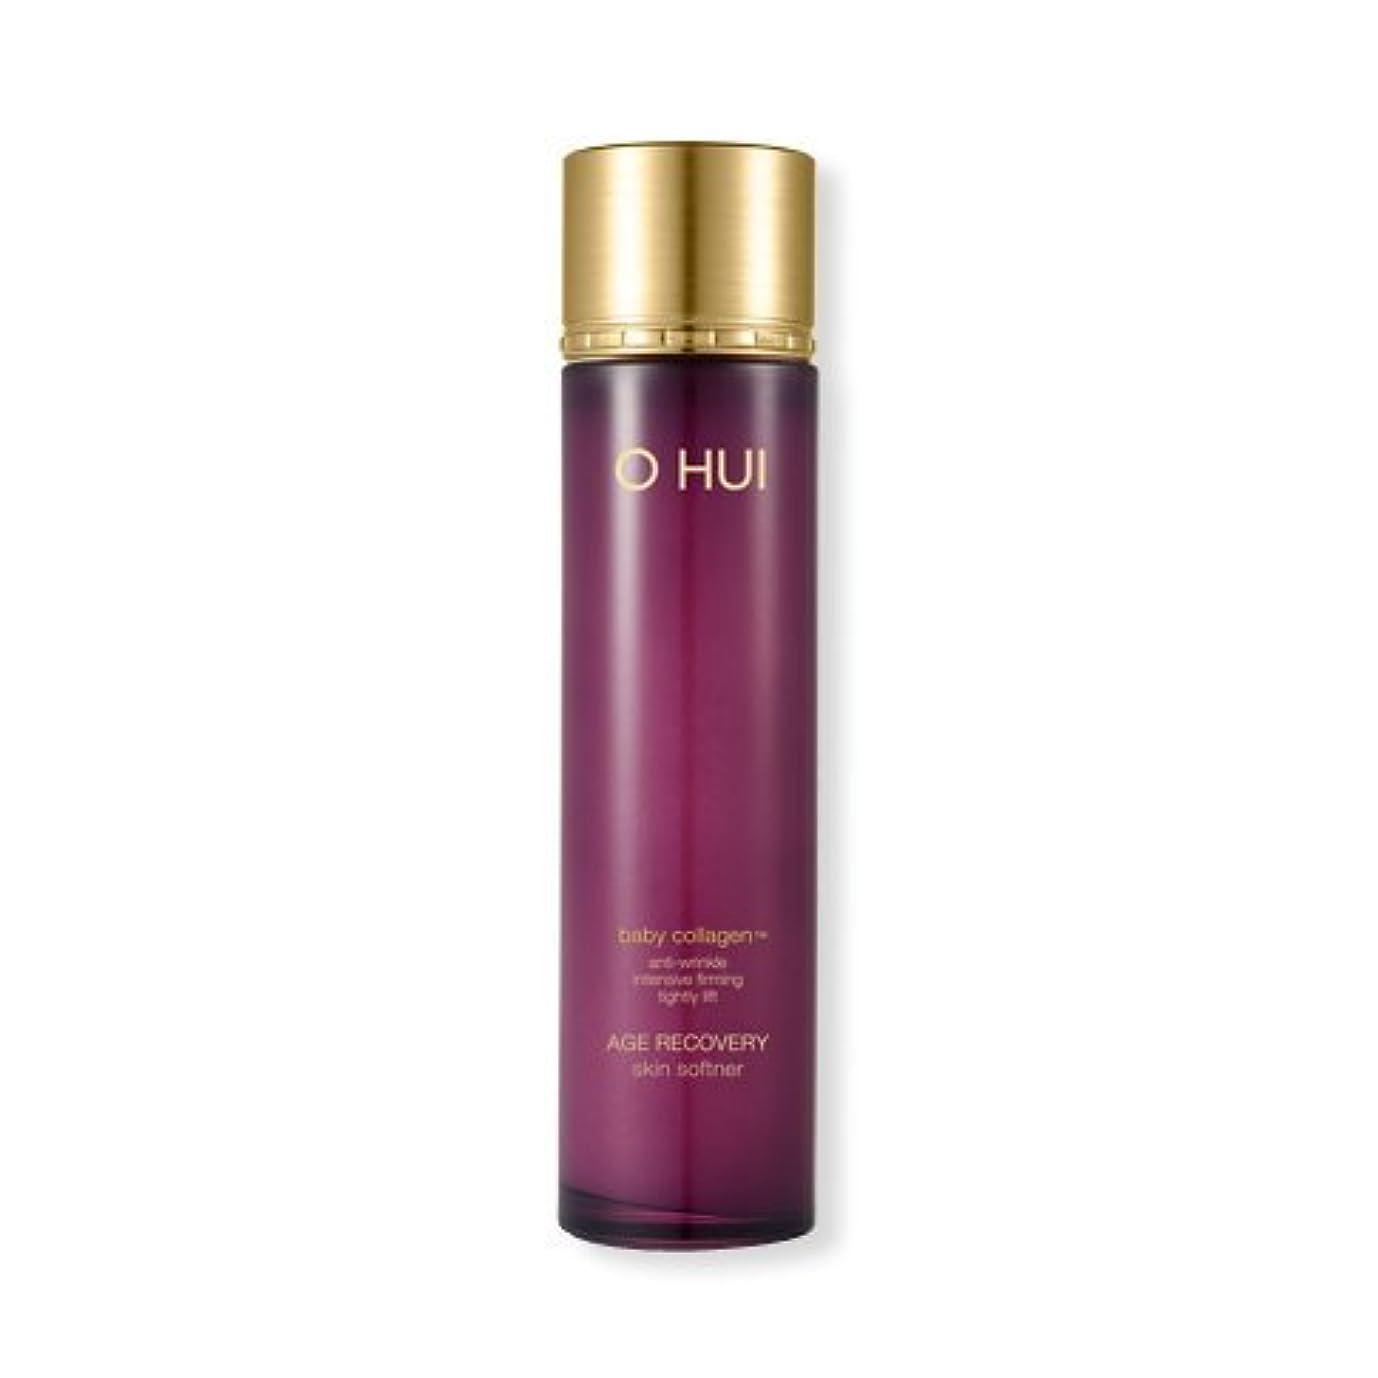 ラジエーター足枷周りOHUI Age Recovery Skin Softener 150ml/オフィ エイジ リカバリー スキン ソフナー 150ml [並行輸入品]